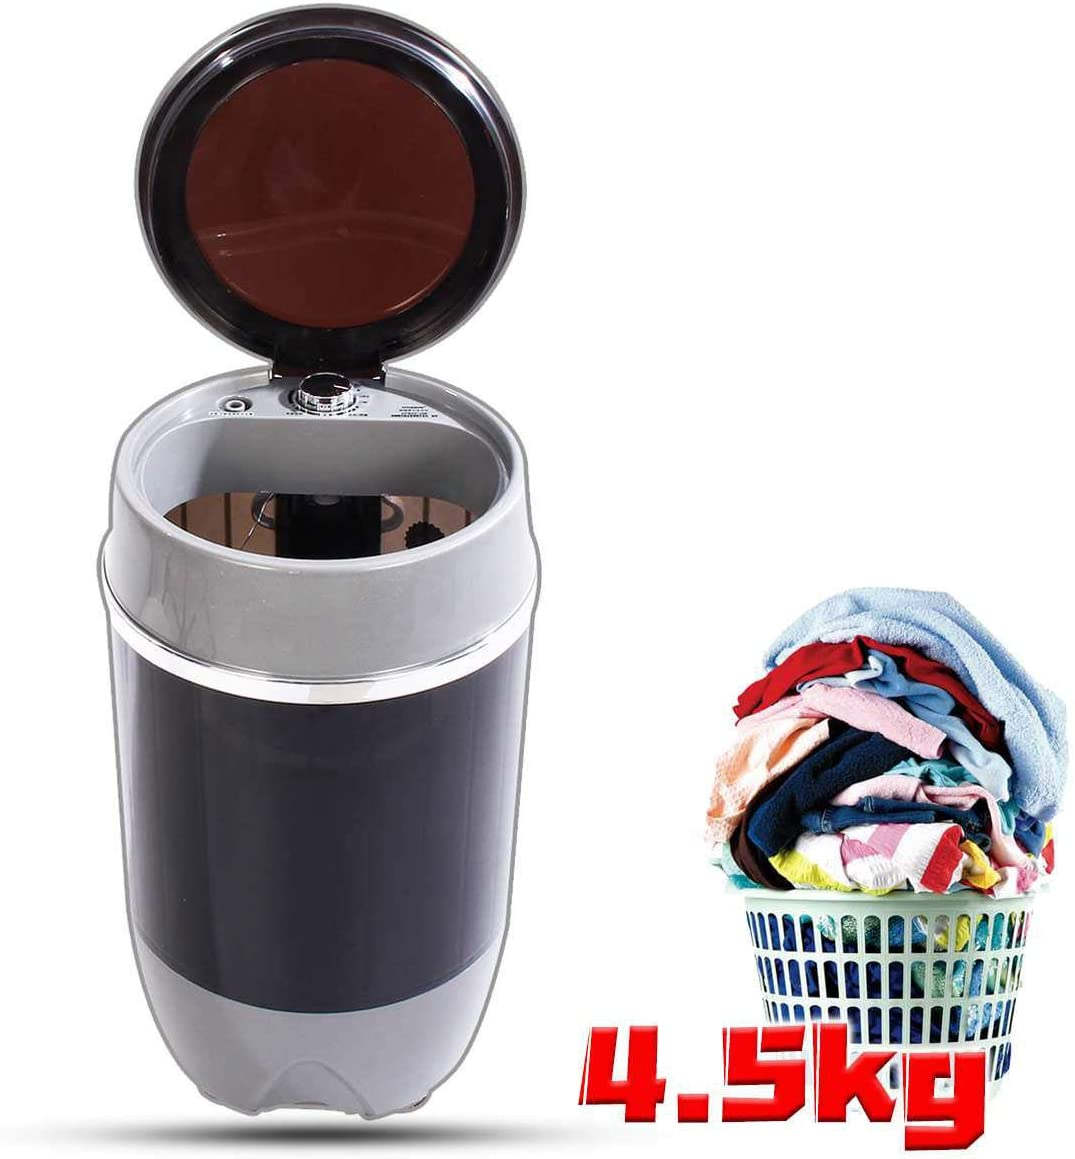 DAETNG Lavadora portátil, Mini Miniatura semiautomática, Capacidad de 4.5 kg, Carga Superior, Secadora giratoria y Bomba de Drenaje, Apartamentos, Casas rodantes y Espacios pequeños